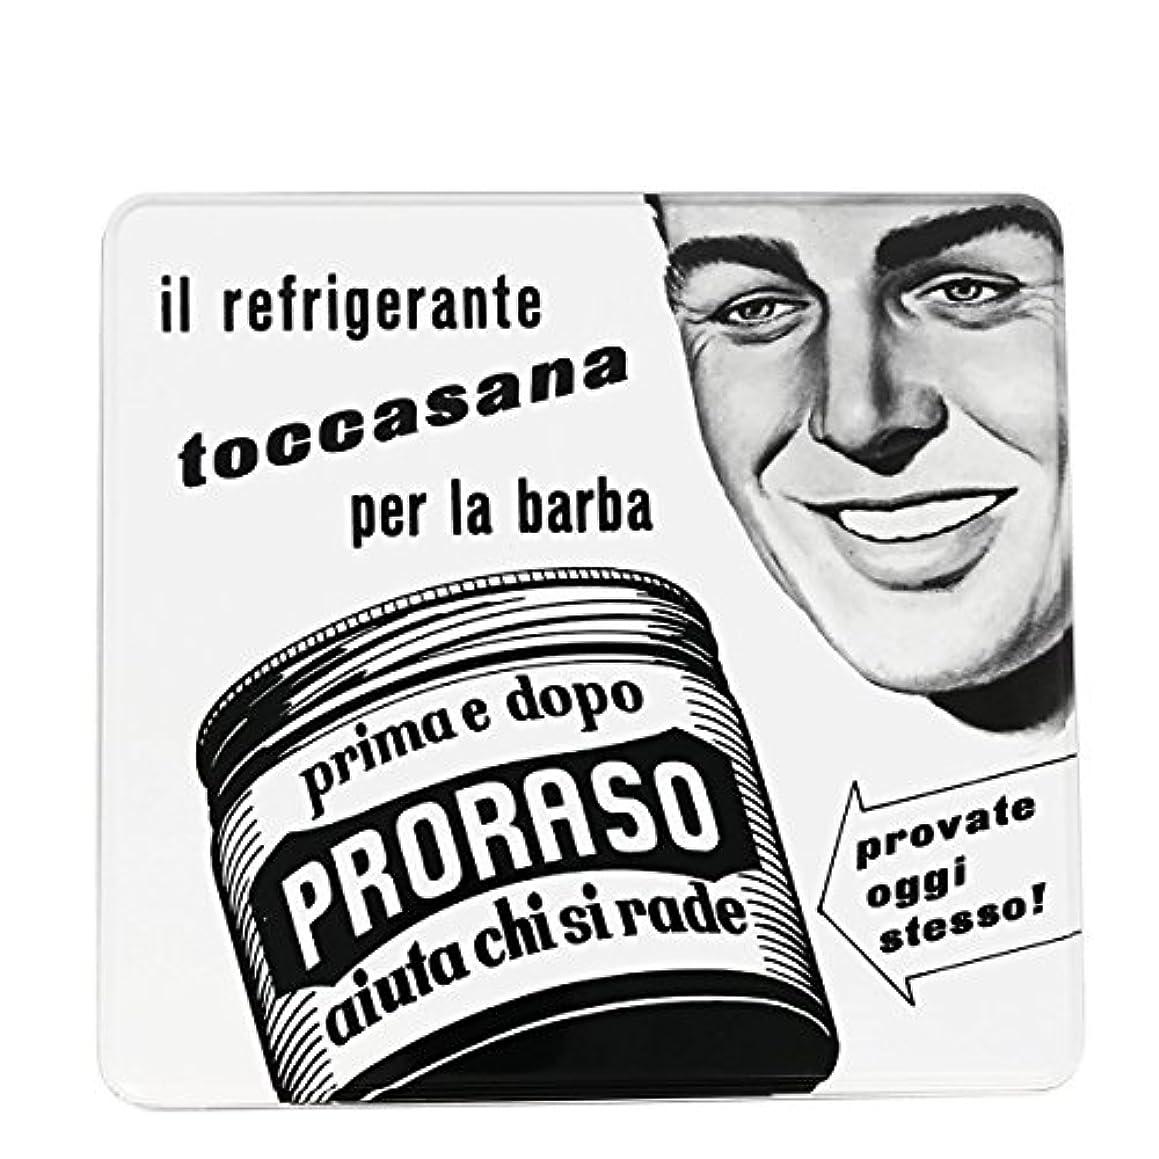 博物館医薬品マーチャンダイザーProraso Toccasana ヴィンテージ センシティブ セレクション缶 - White Range[海外直送品] [並行輸入品]